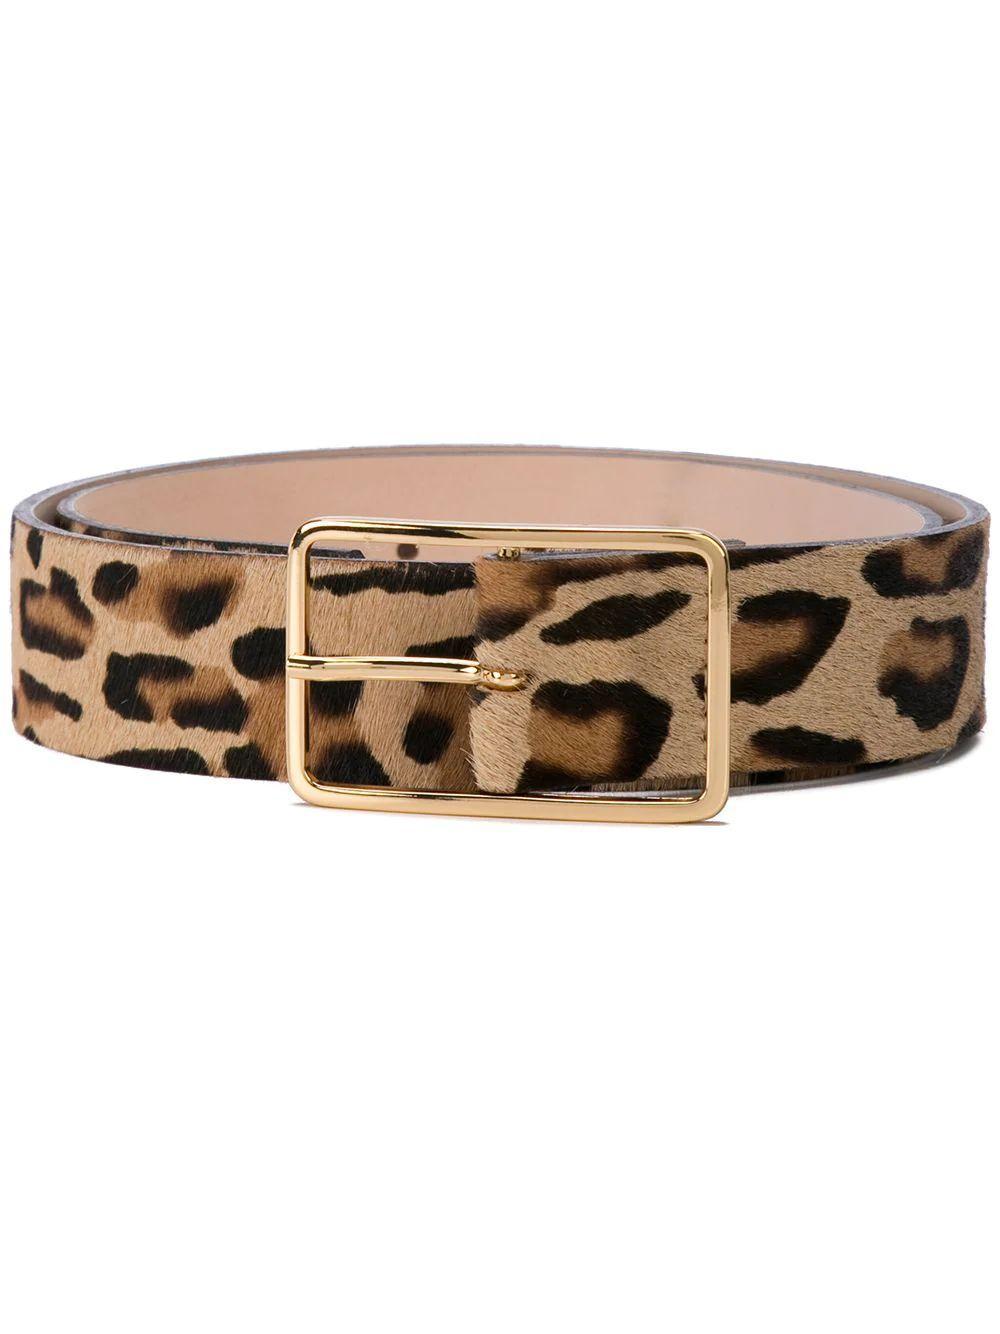 Milla Leopard Belt Item # BT1870-S21